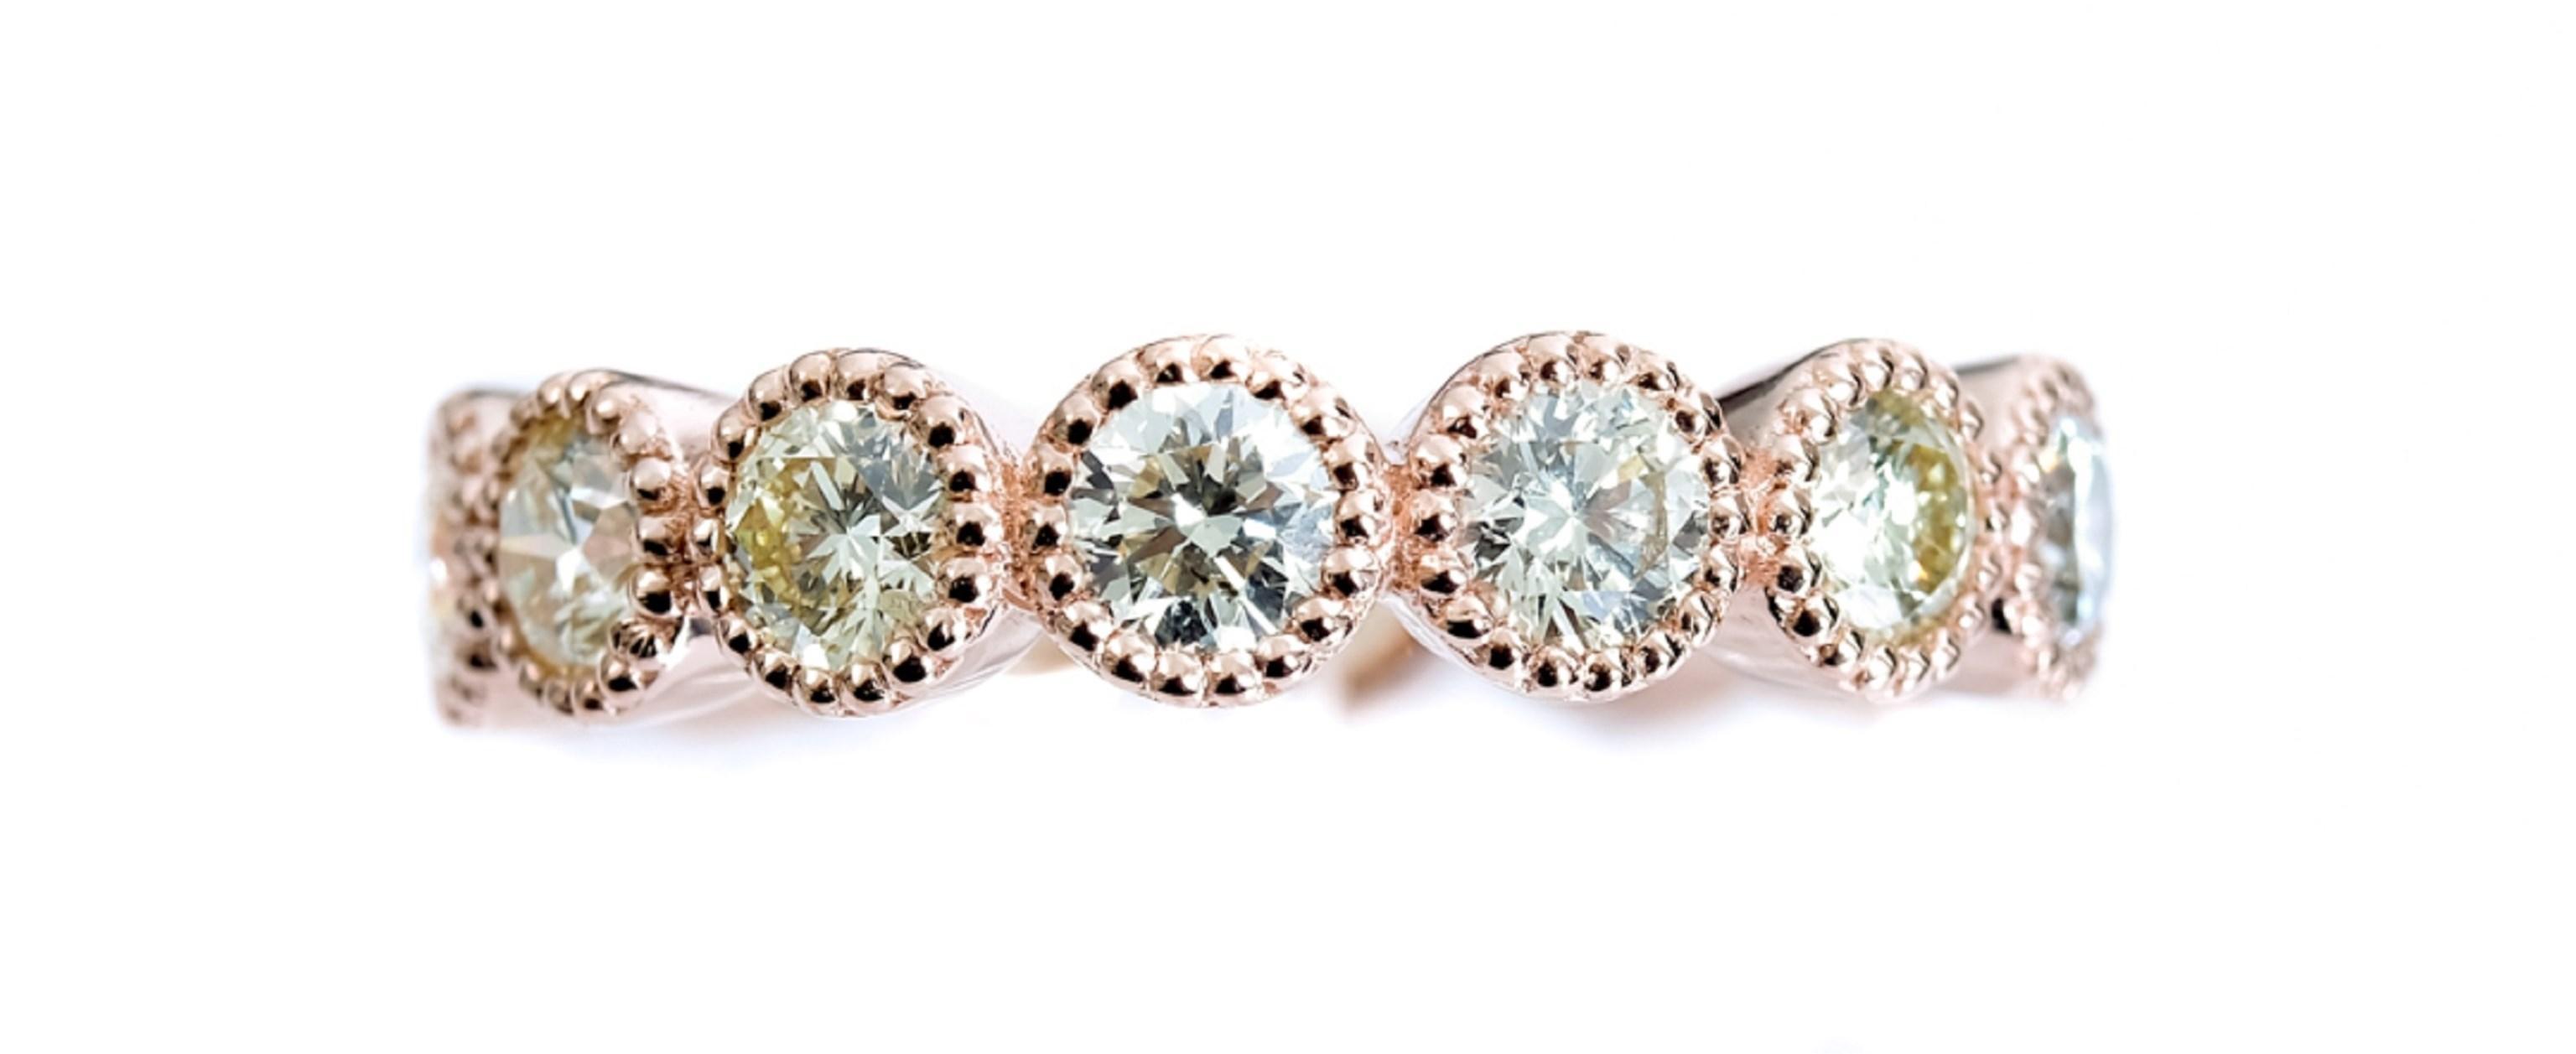 14k Rose Gold & 2.0 CT Diamond Ring